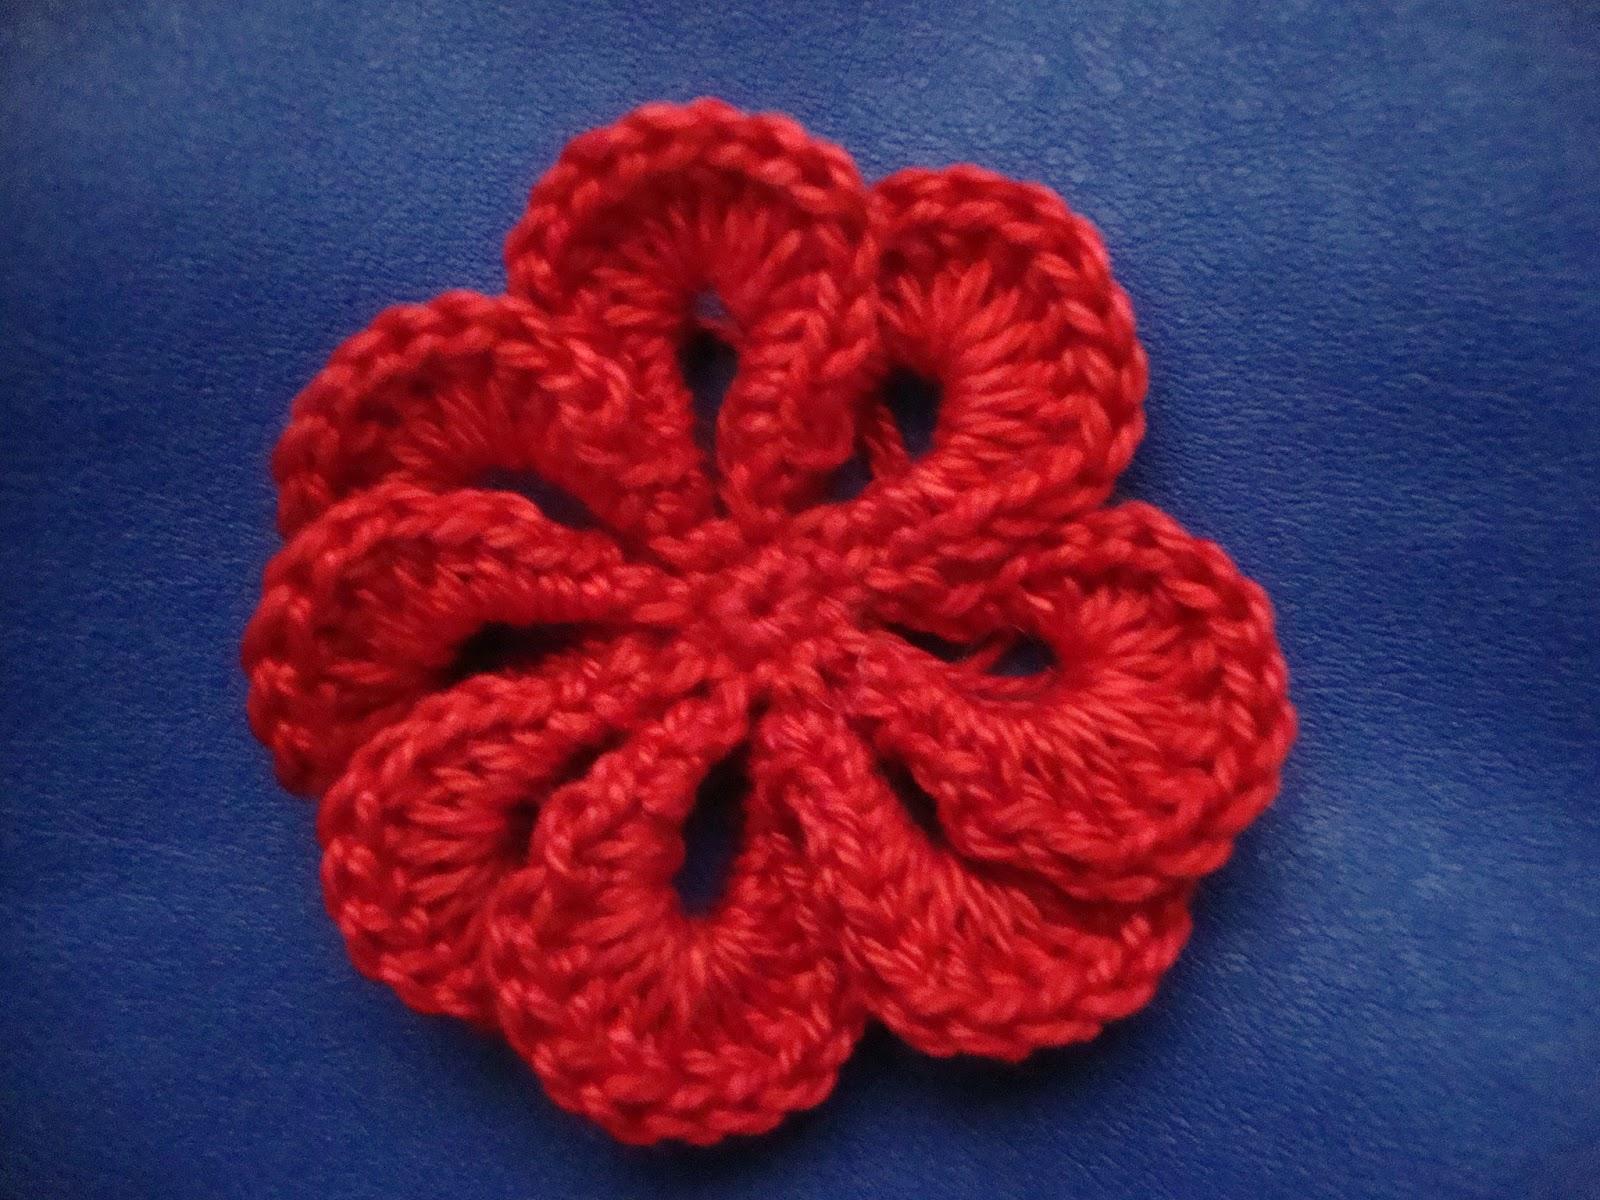 Le fragole di stoffa: fiore all'uncinetto con spiegazione, crochet